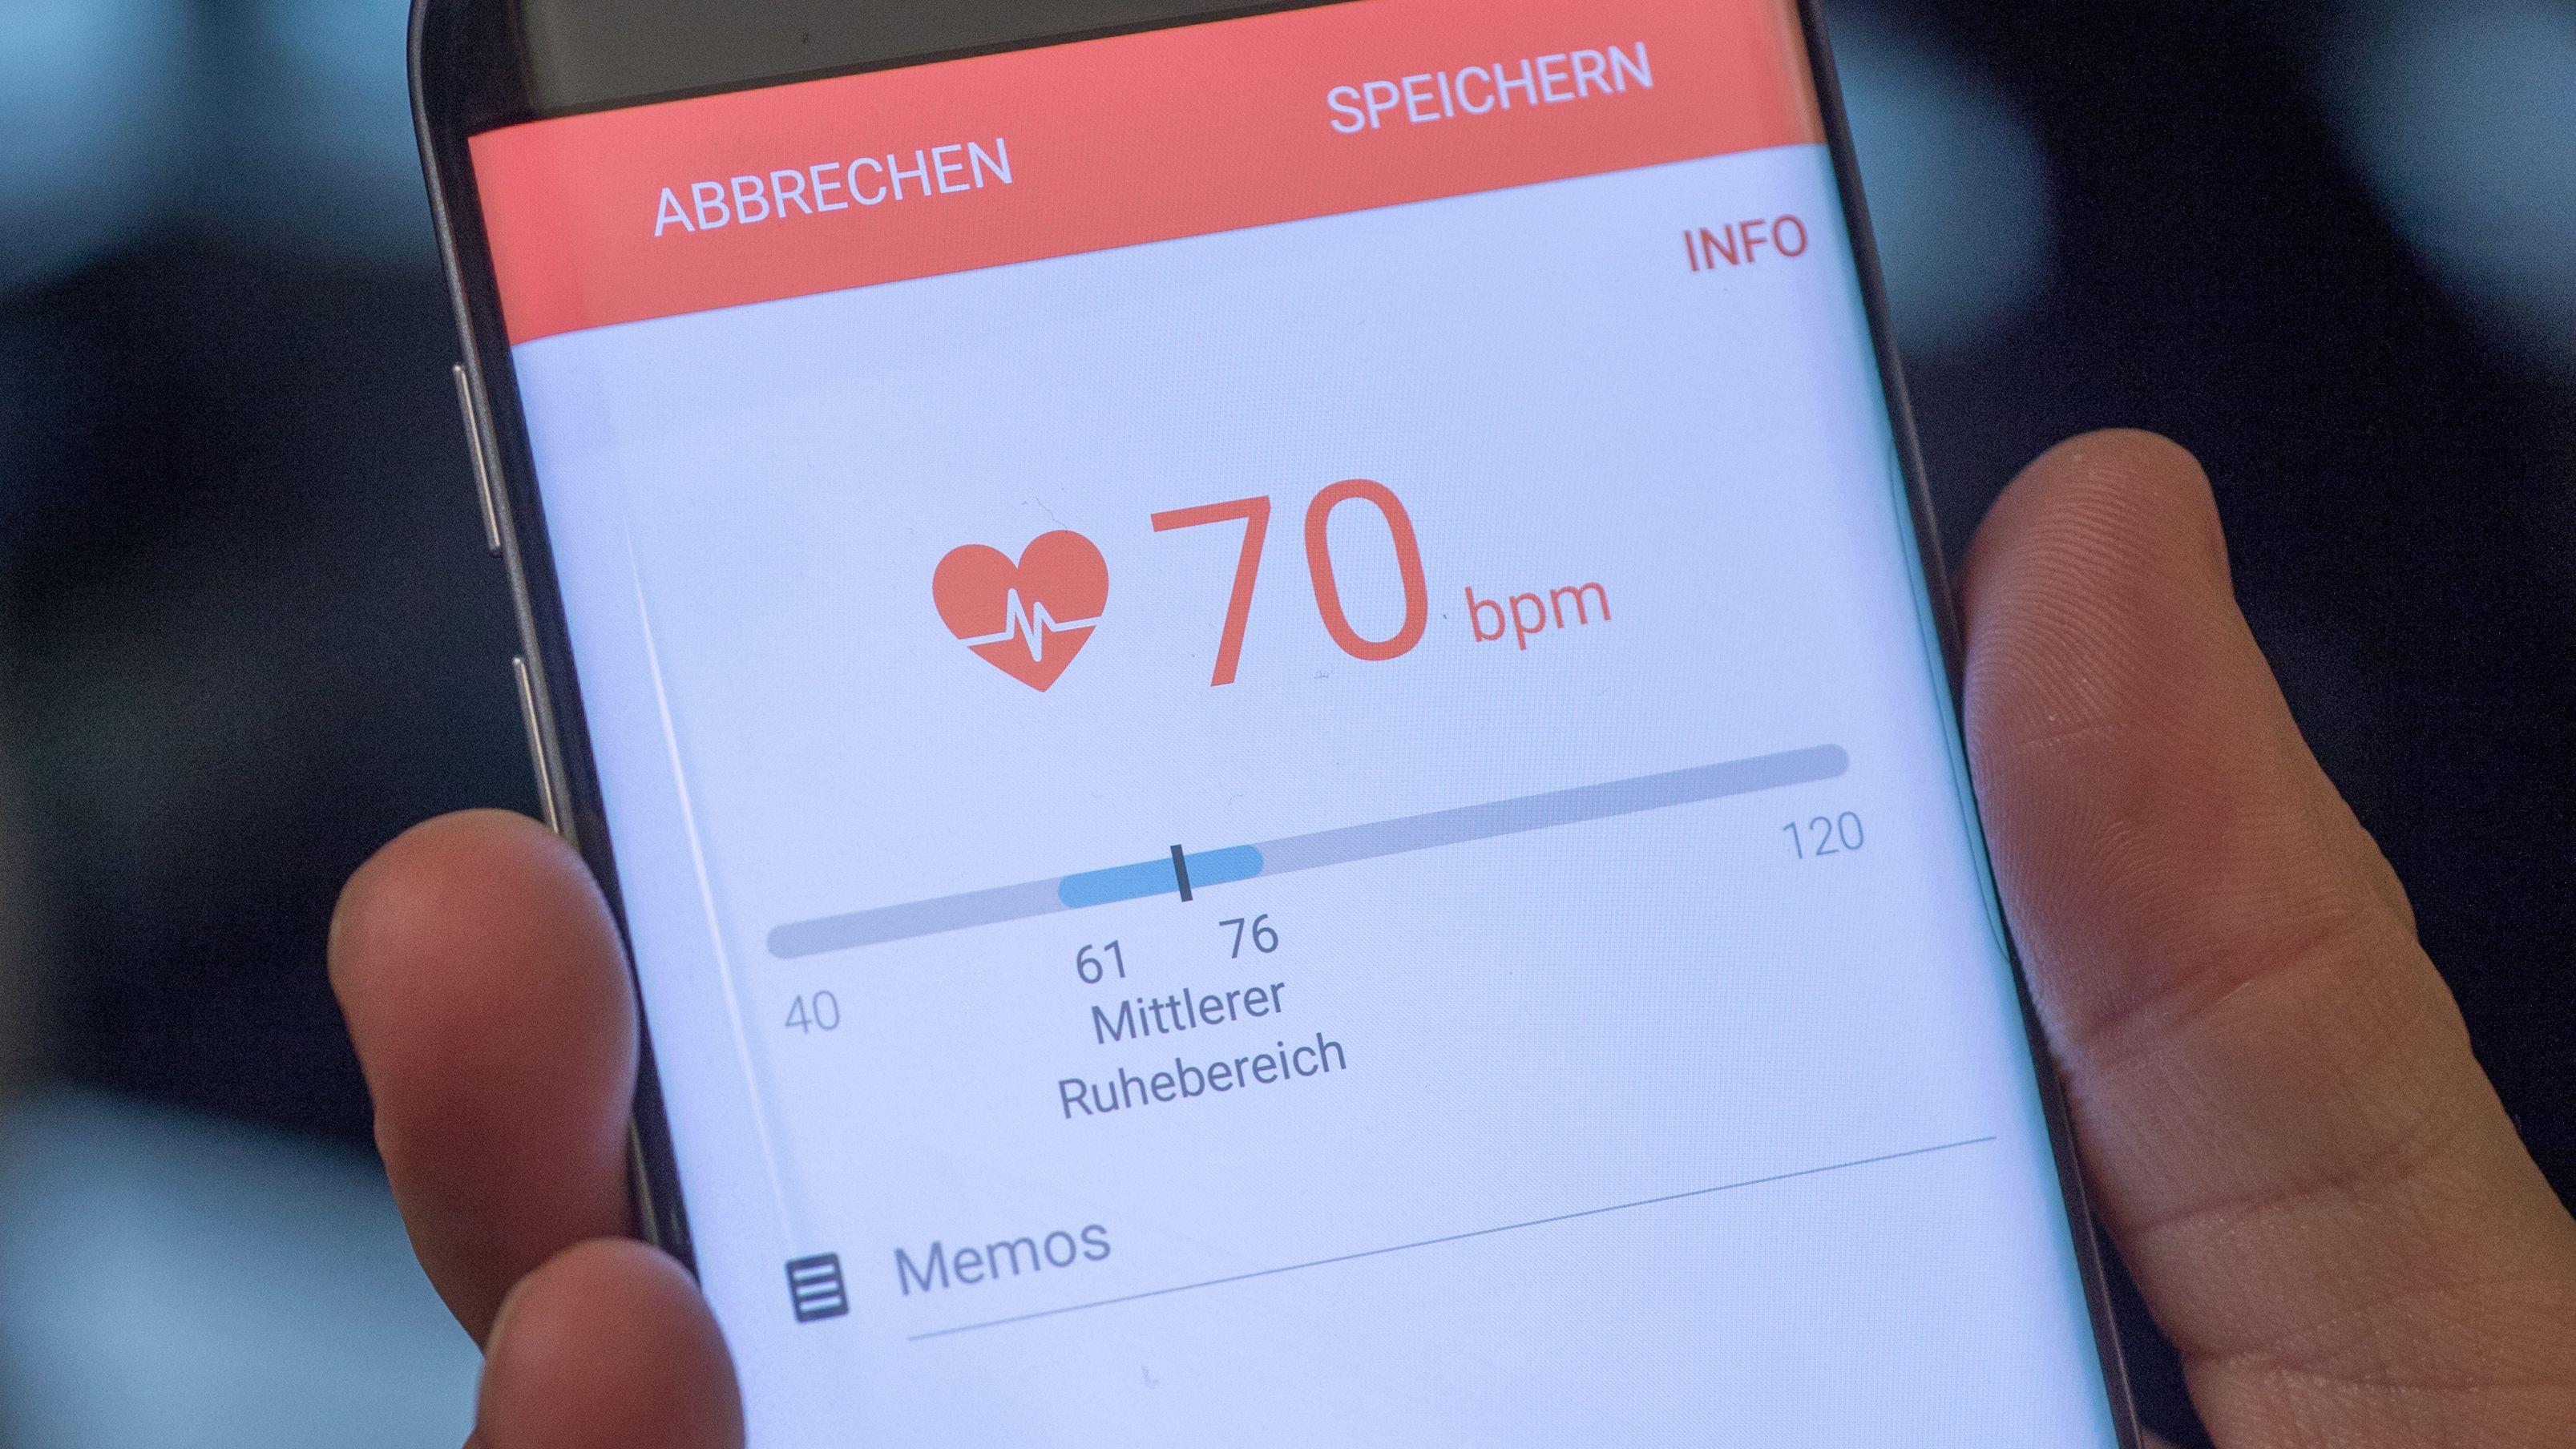 Mit ein paar Handy-Klicks ist der Blutdruck gemessen und die Werte gespeichert.